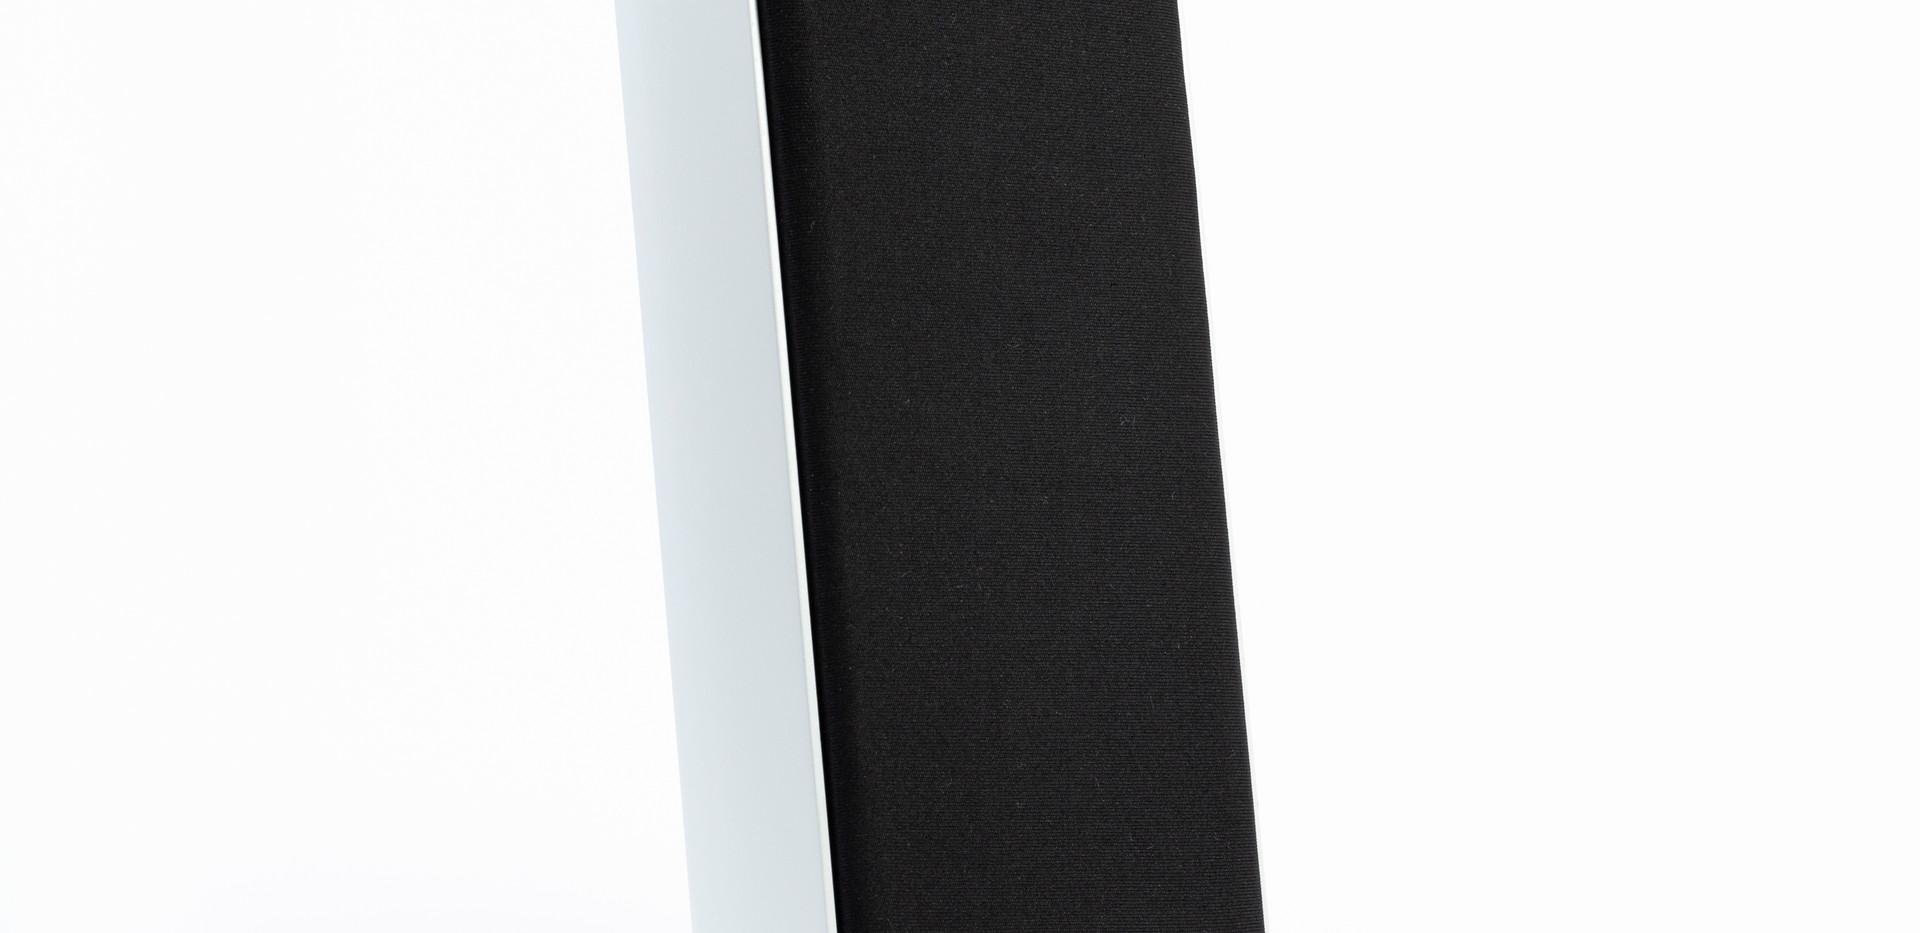 Estante Magna Form Bookshelf Polar White